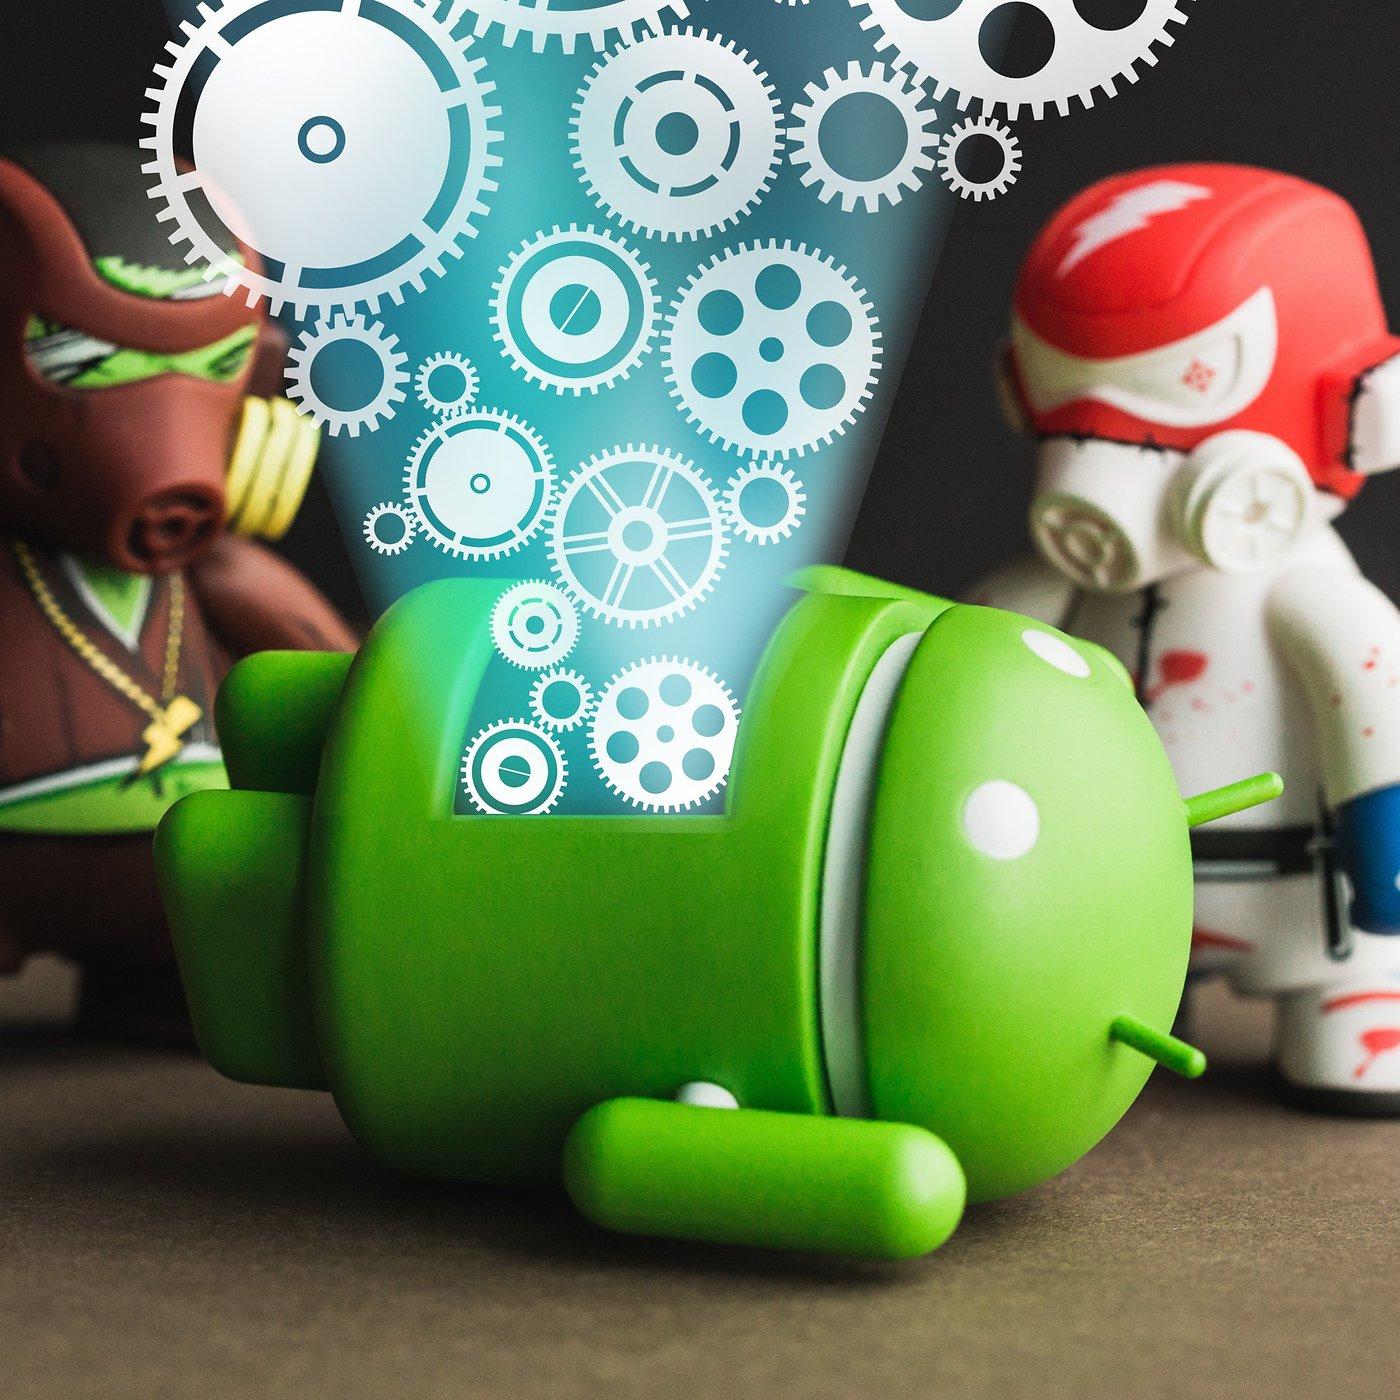 Cual es el mejor recovery para android